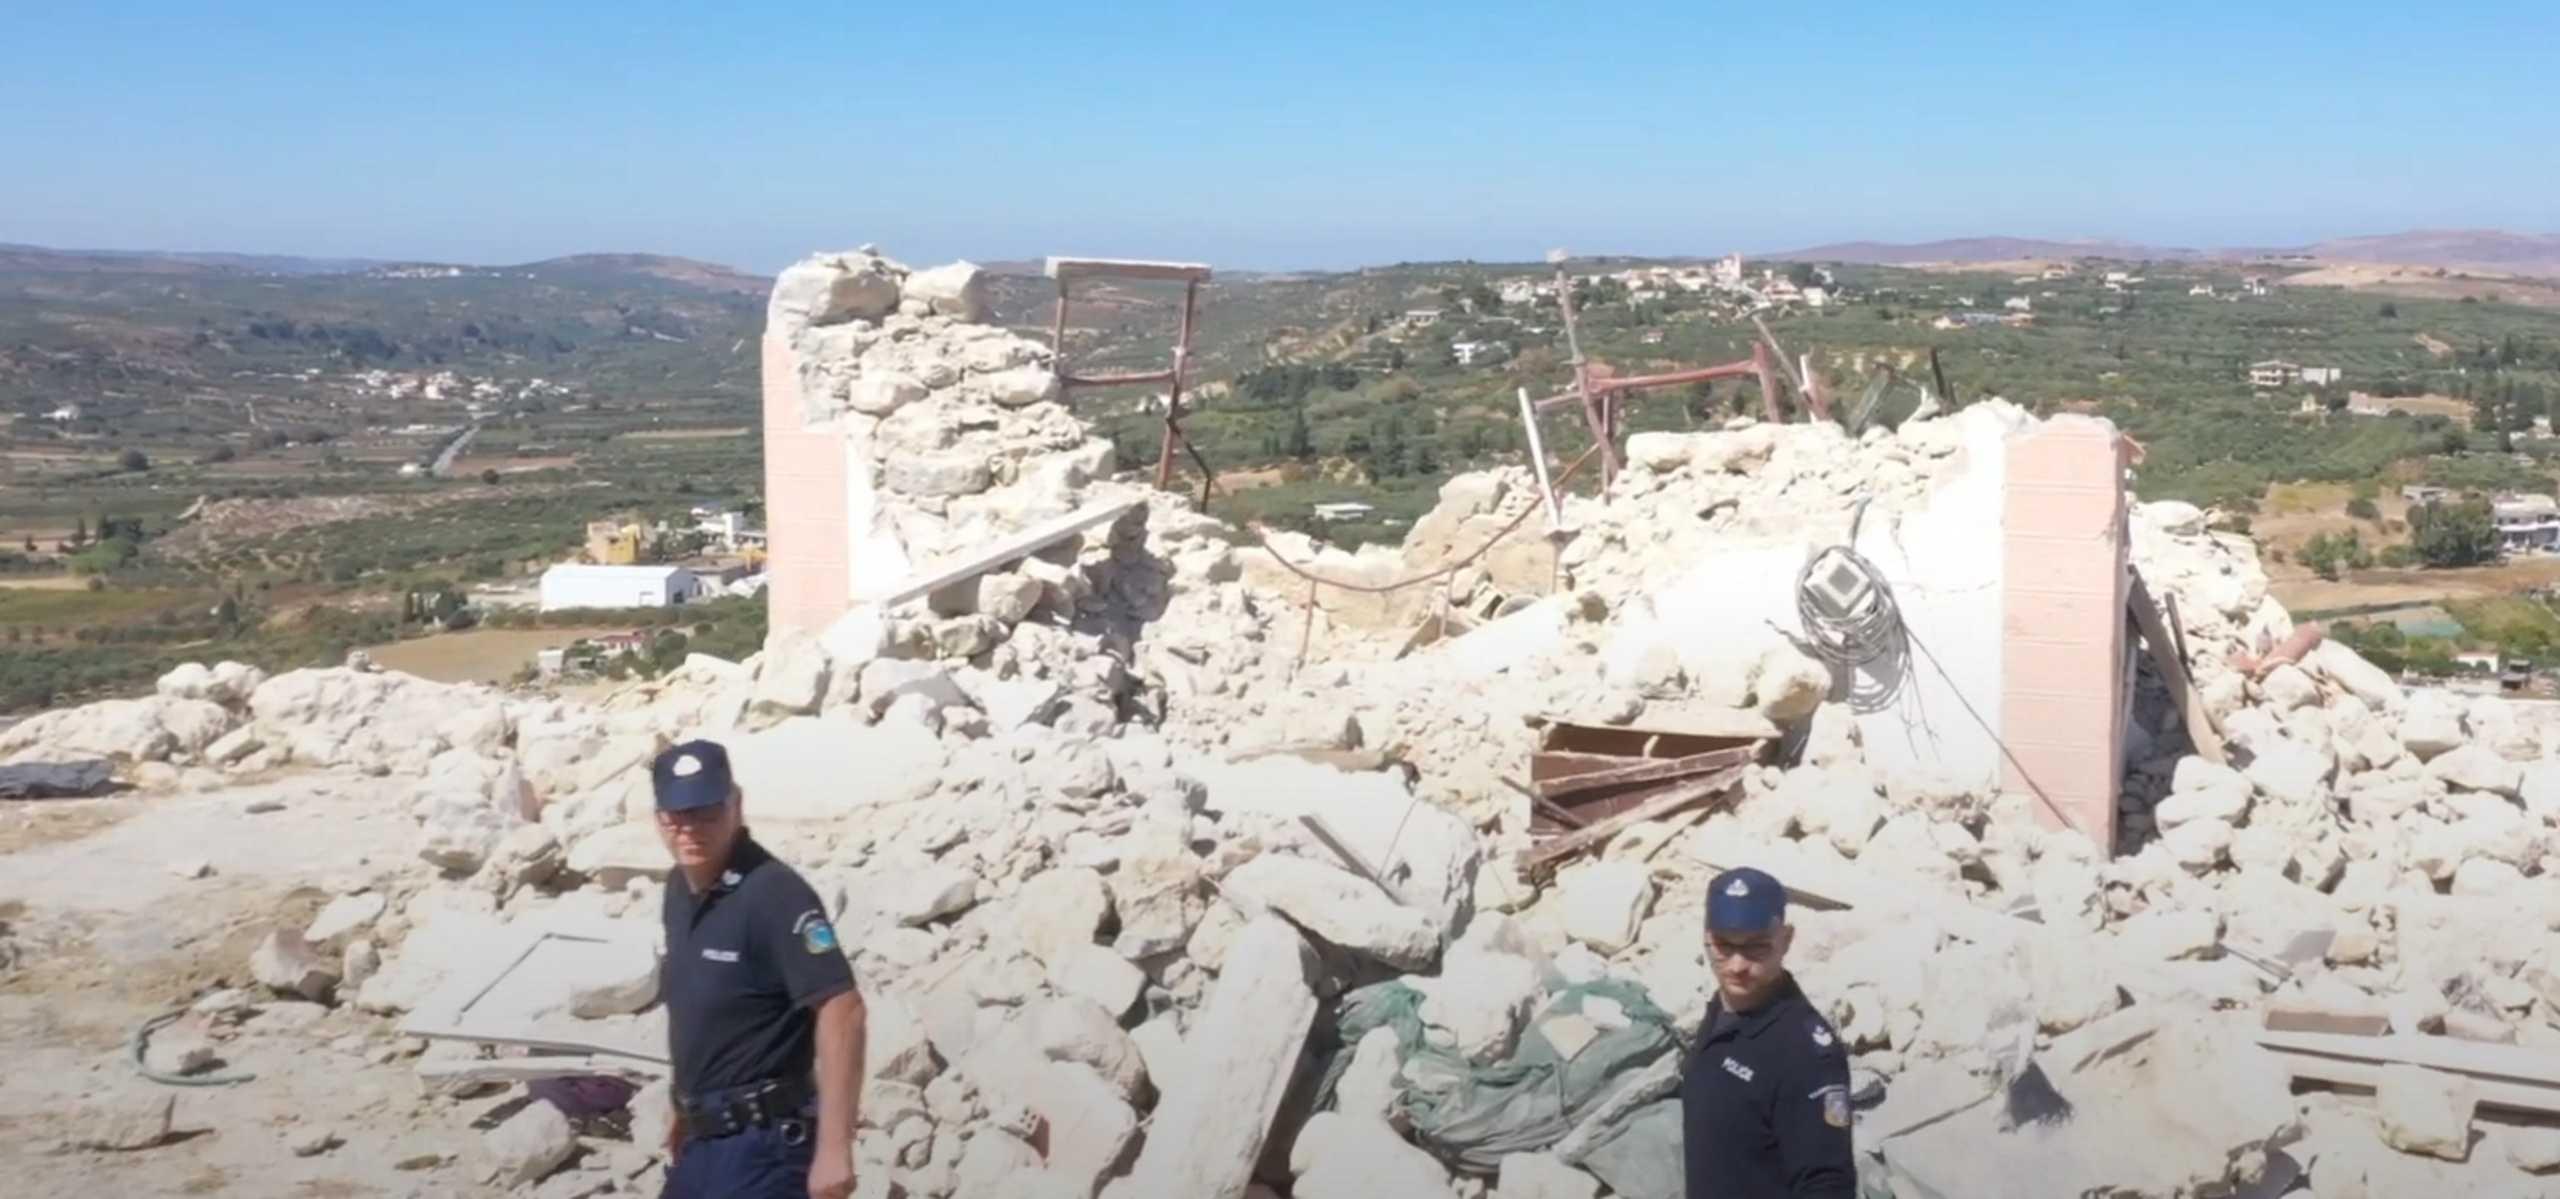 Σεισμός στην Κρήτη – Αρκαλοχώρι: Εικόνες από drone αποκαλύπτουν το μέγεθος της καταστροφής